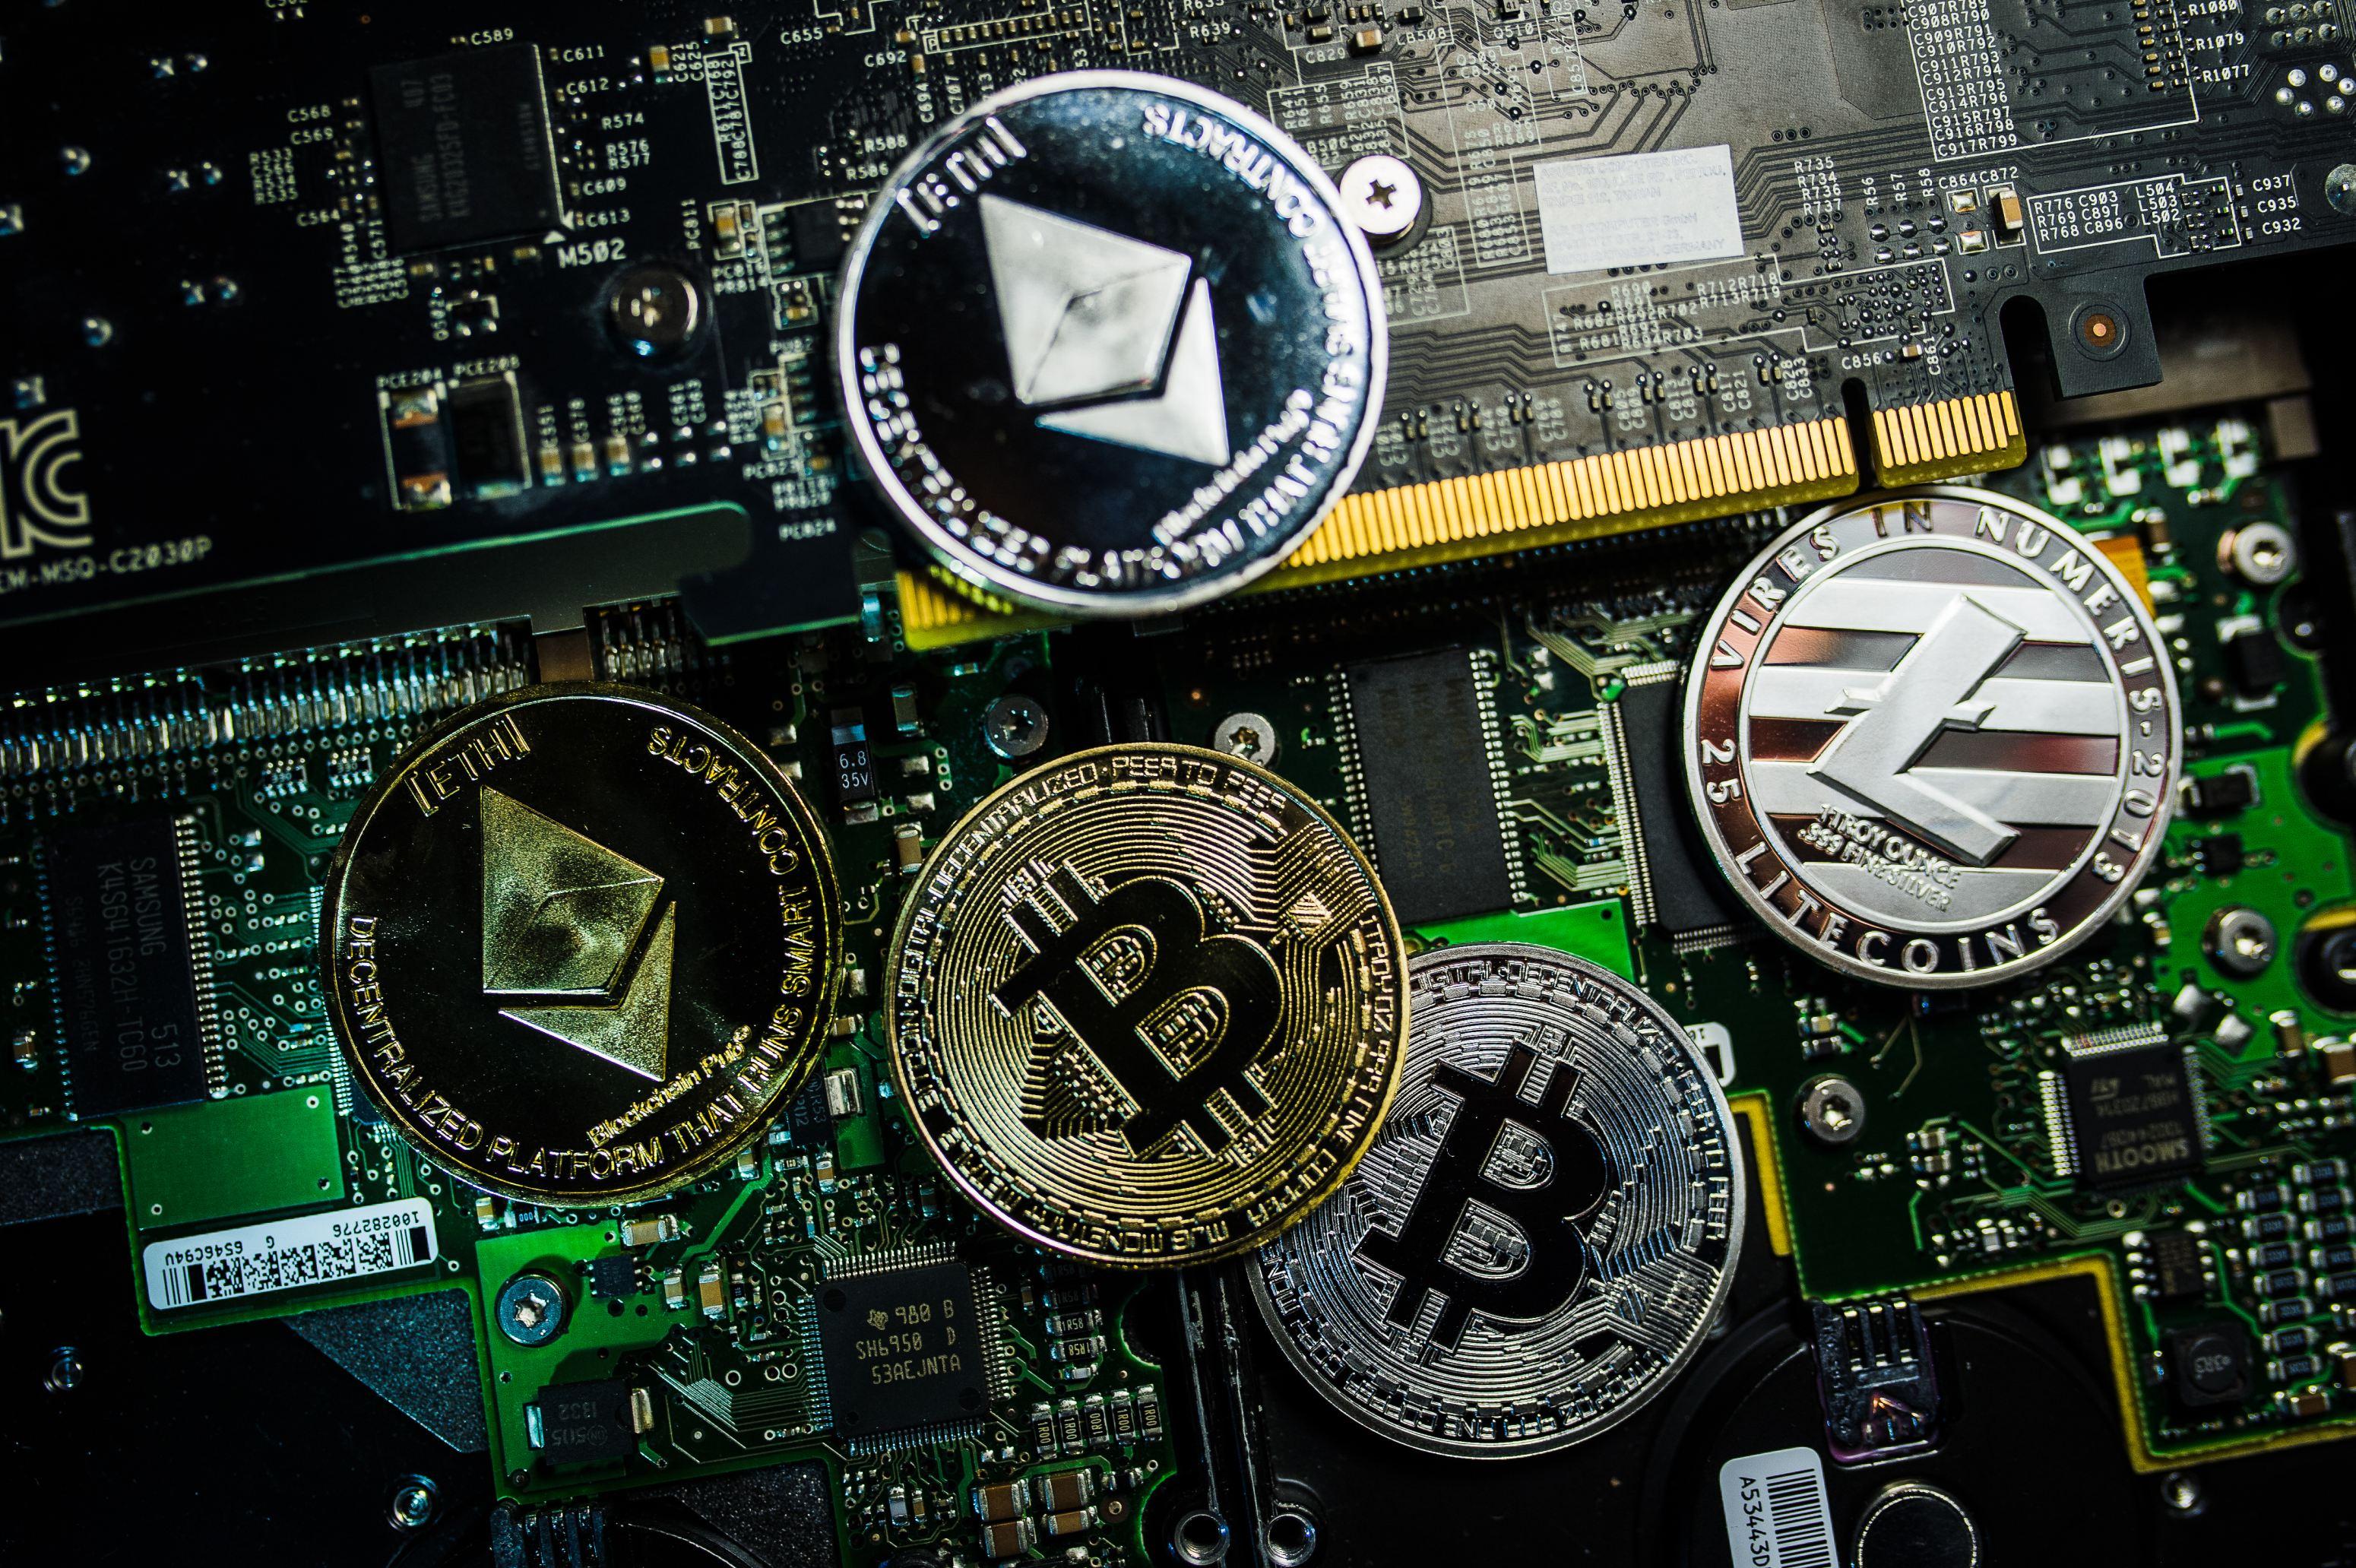 cel mai bun cripto pentru a investi iulie 2021 investiție minimă în bitcoin moldova cele mai bune 10 roboți opționale binare